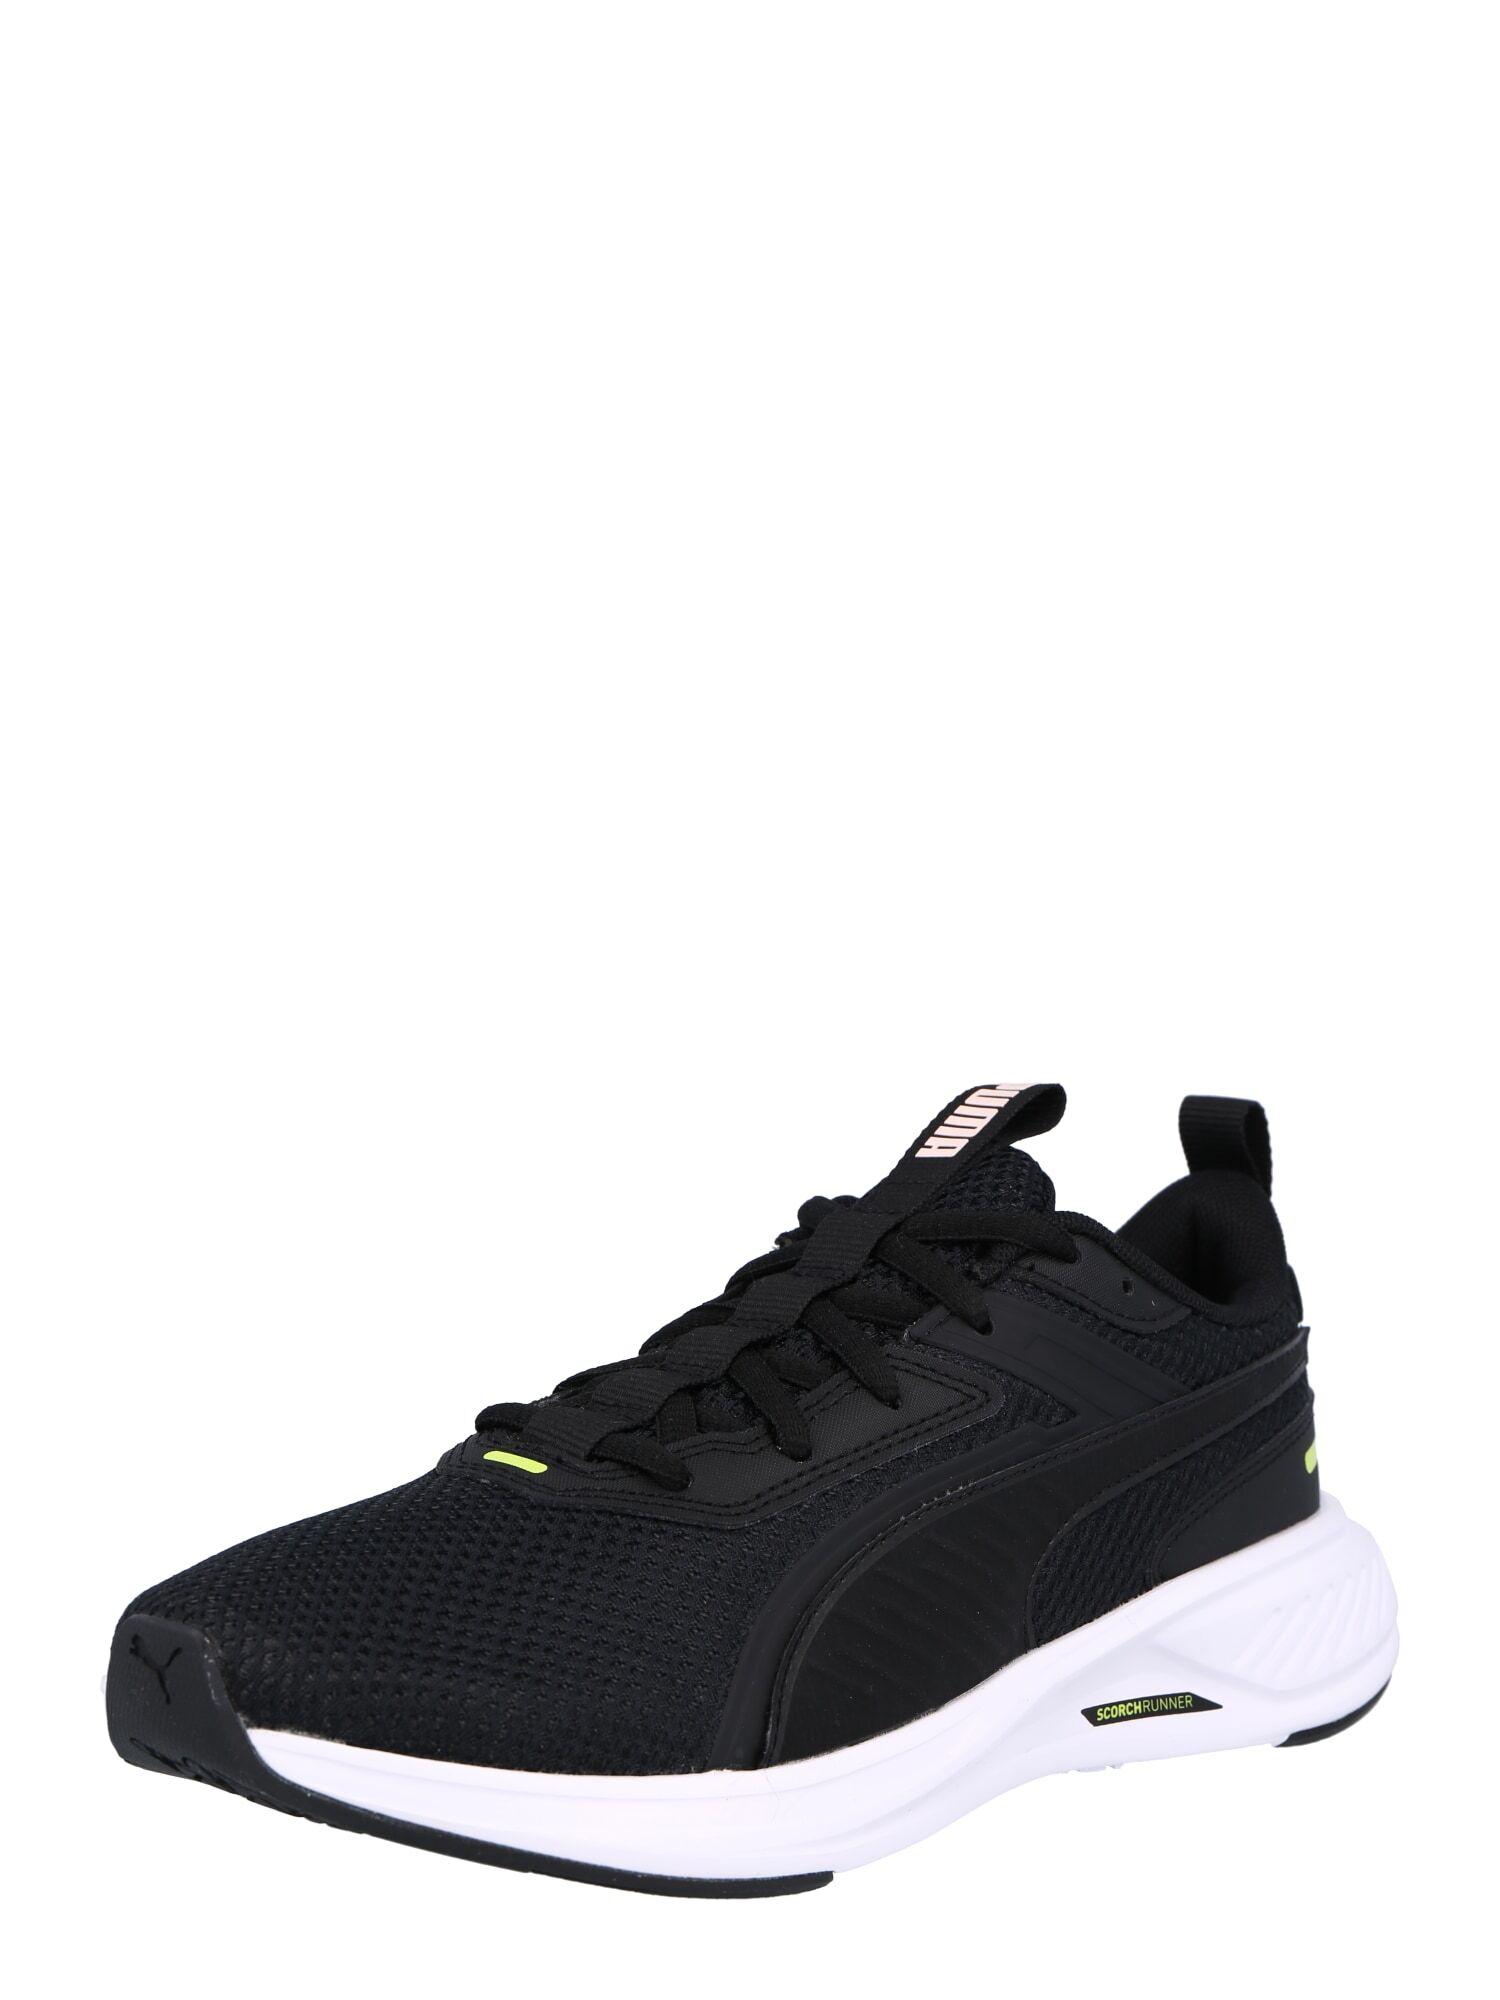 PUMA Chaussure de course  - Noir - Taille: 3.5 - male